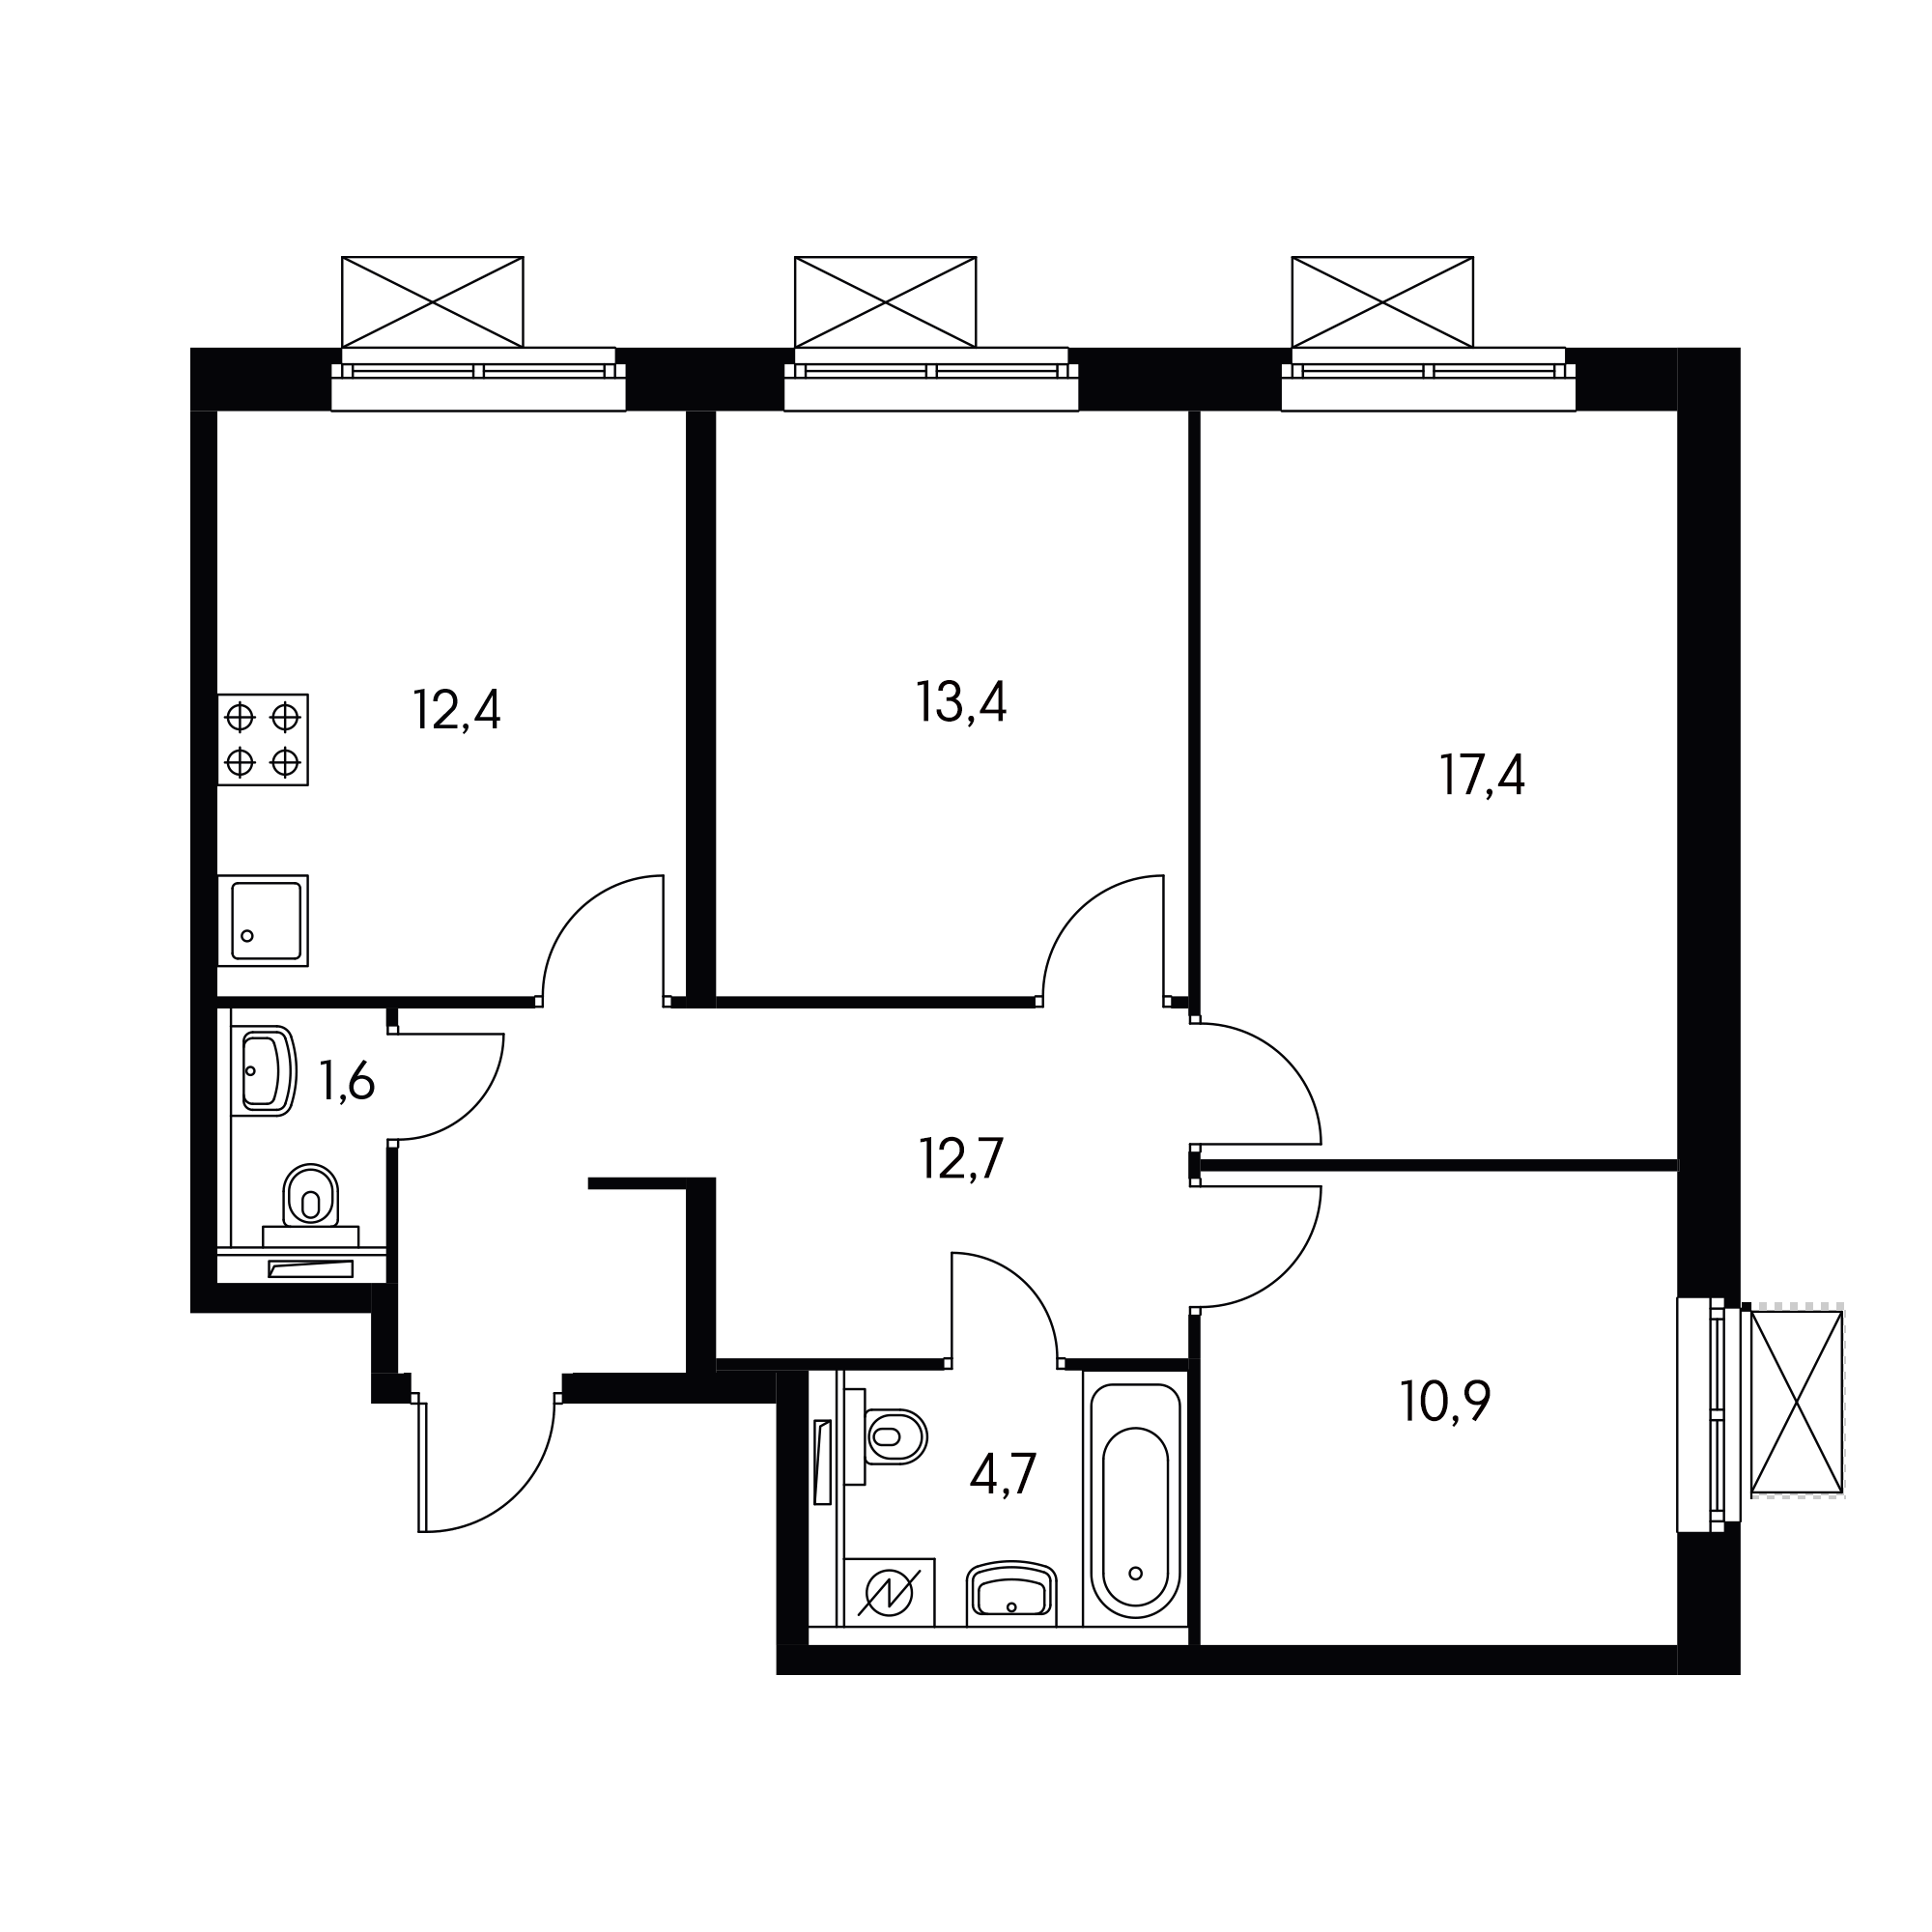 3KM1_10.5-1_T_Z